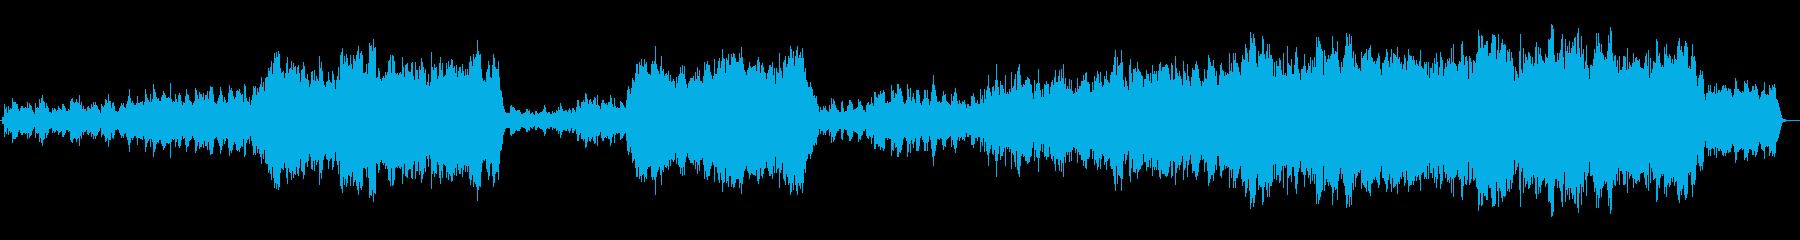 ピアノとオーケストの感動的なバラードの再生済みの波形